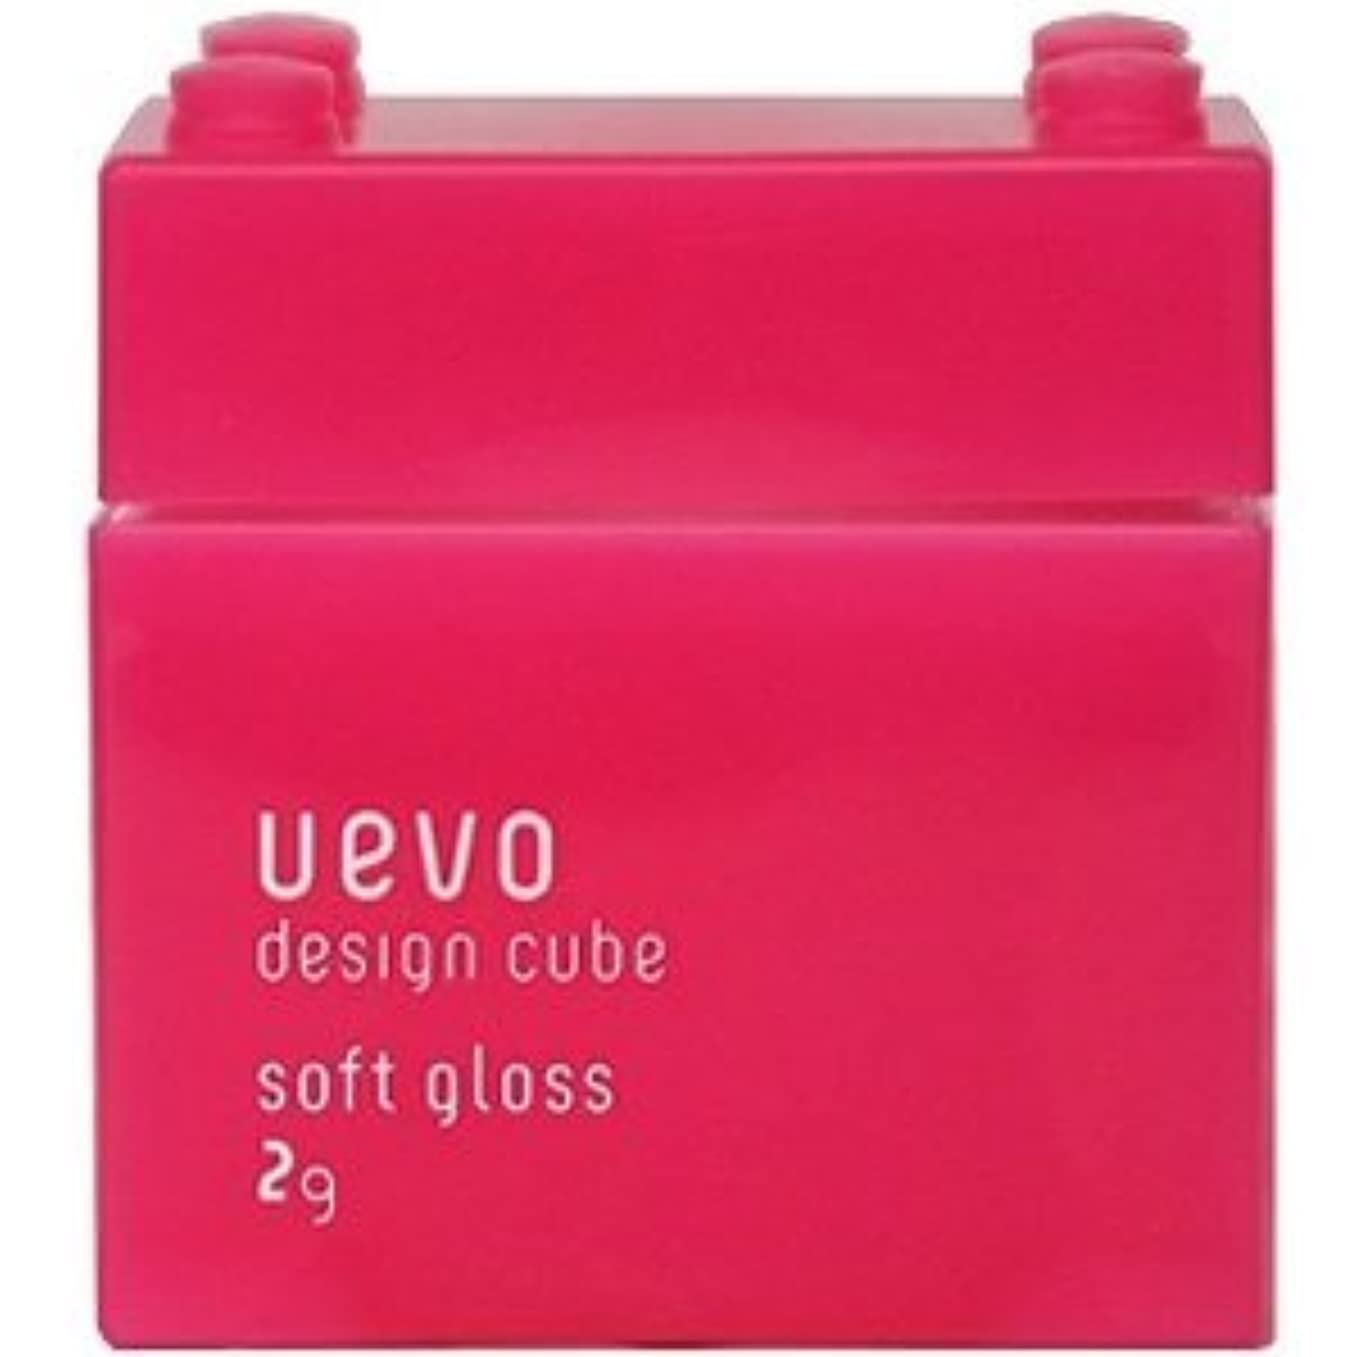 トランク透過性永遠の【X3個セット】 デミ ウェーボ デザインキューブ ソフトグロス 80g soft gloss DEMI uevo design cube